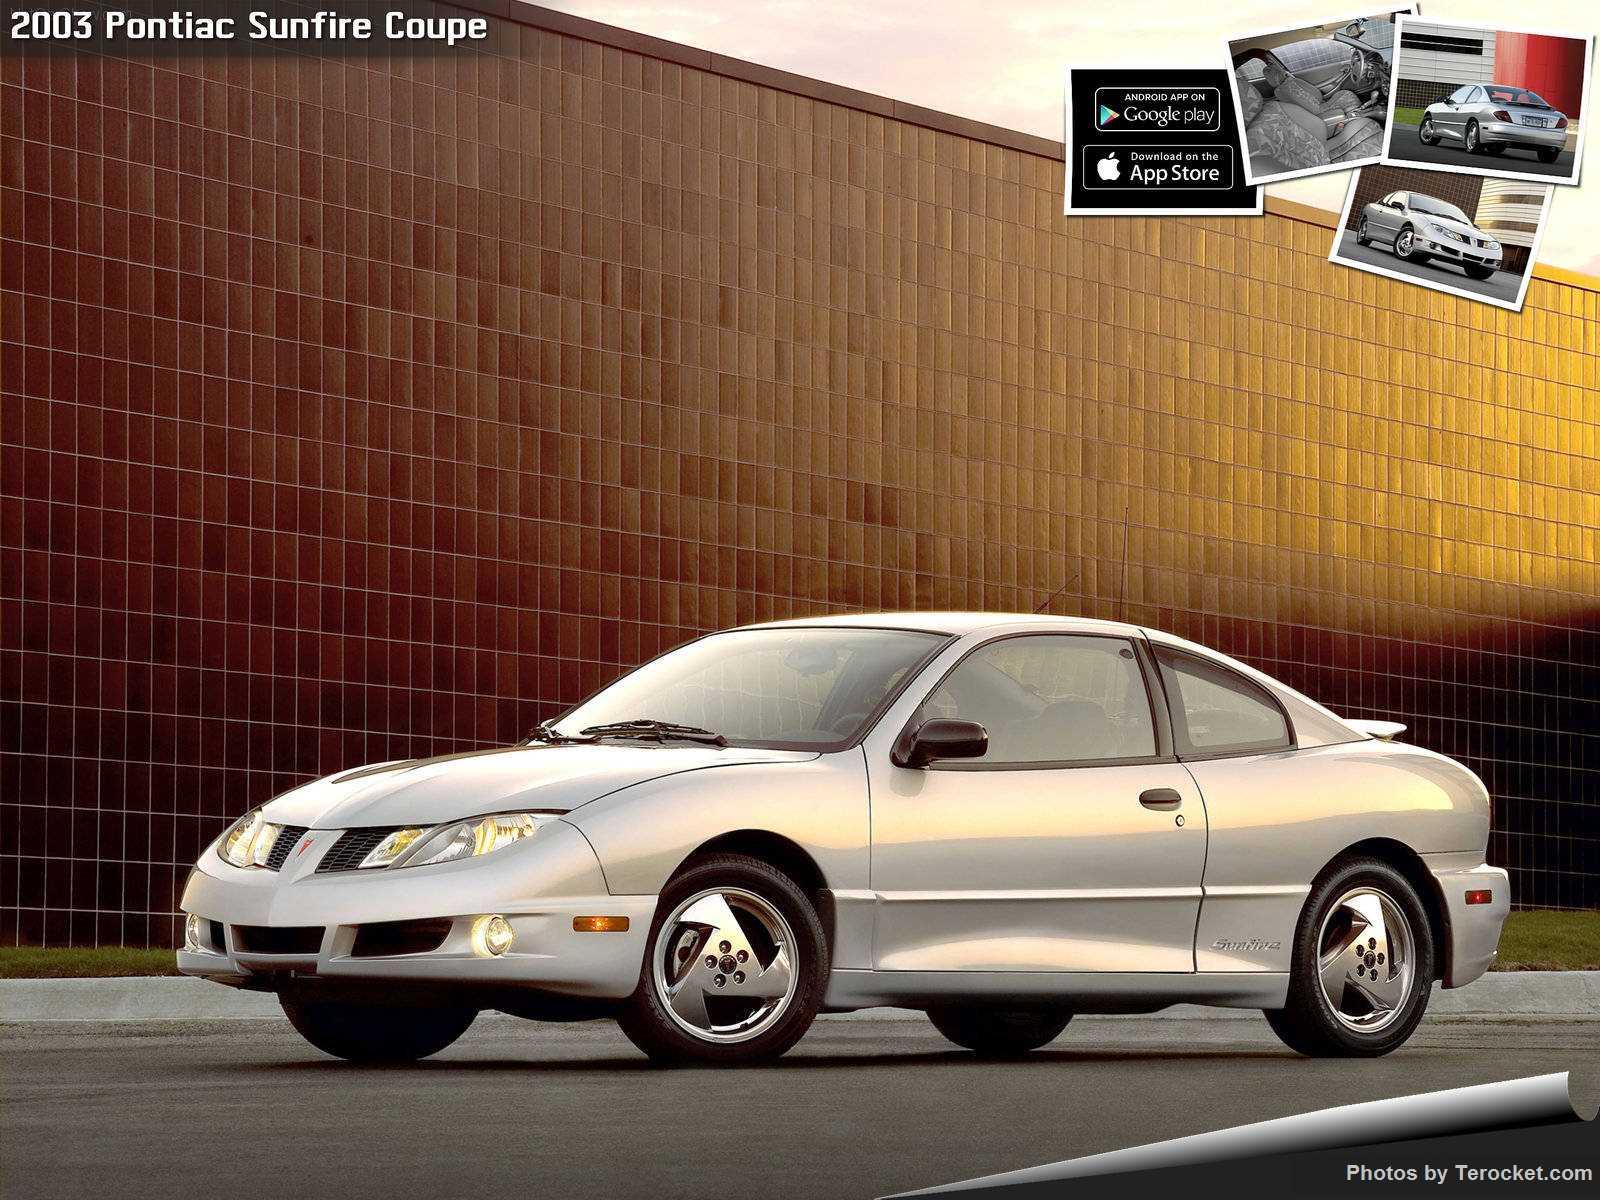 Hình ảnh xe ô tô Pontiac Sunfire Coupe 2003 & nội ngoại thất